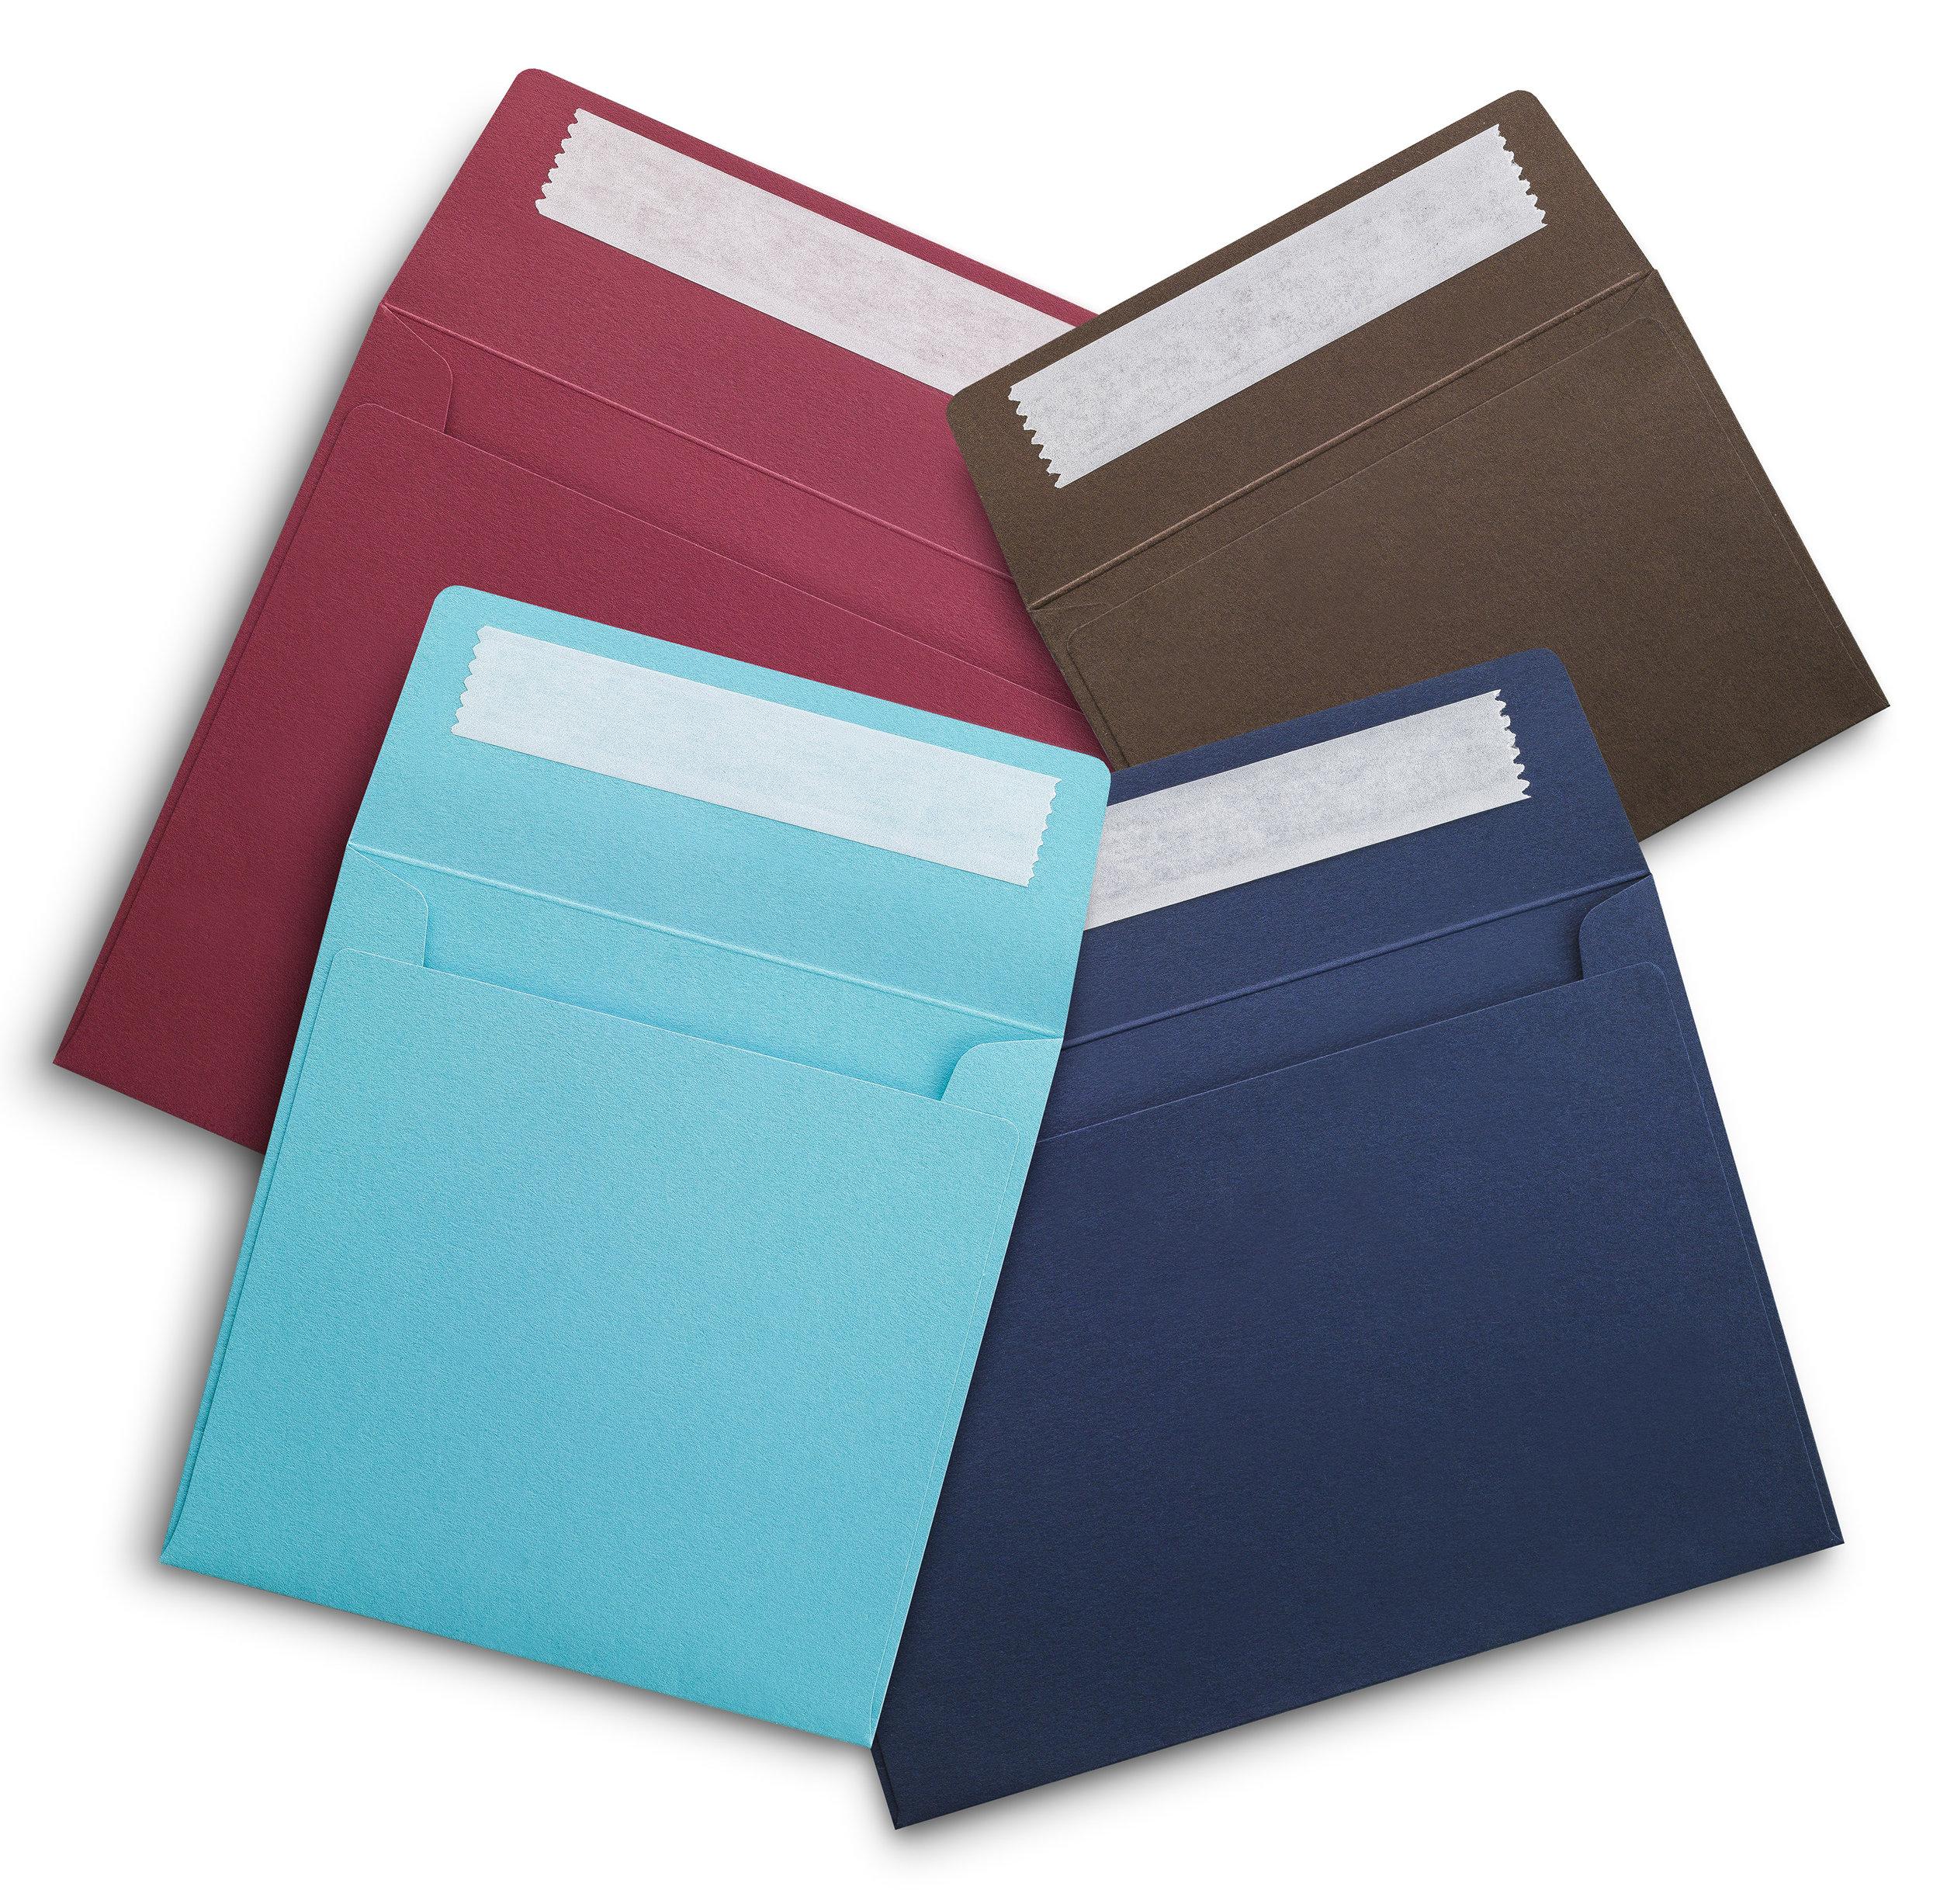 Bespoke coloured envelopes